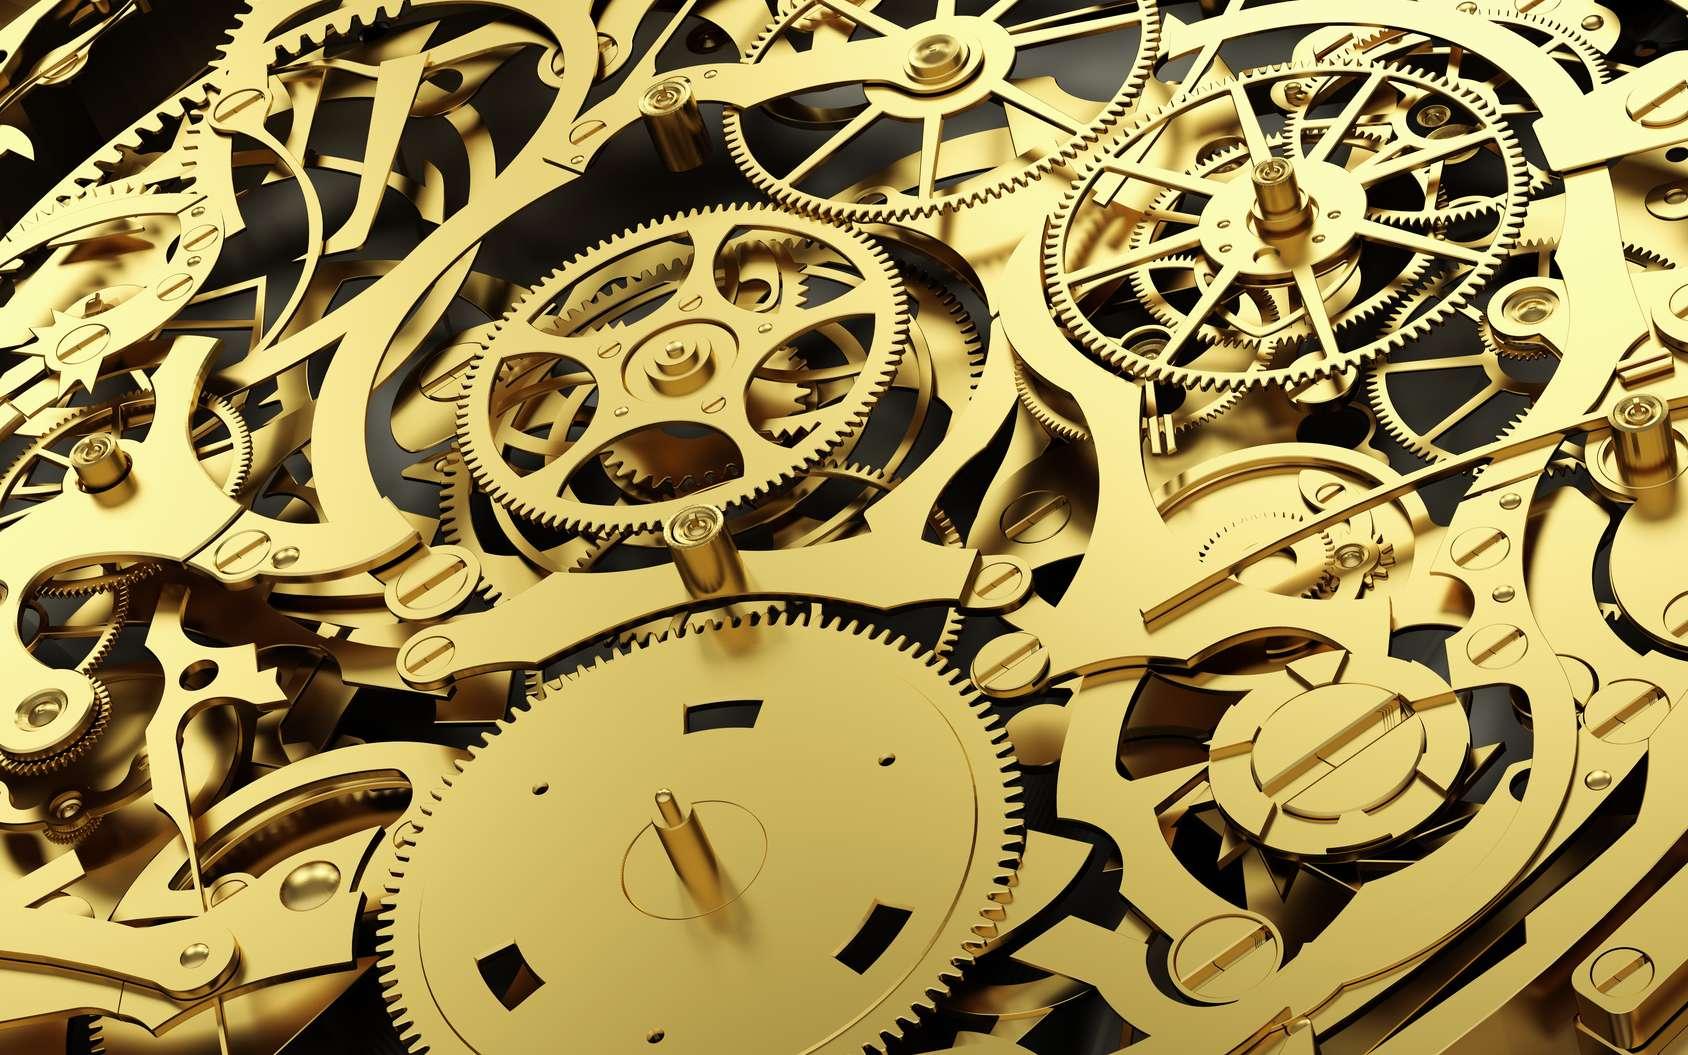 Gros plan sur un mécanisme d'horlogerie suisse. © Photocreo Bednarek, fotolia